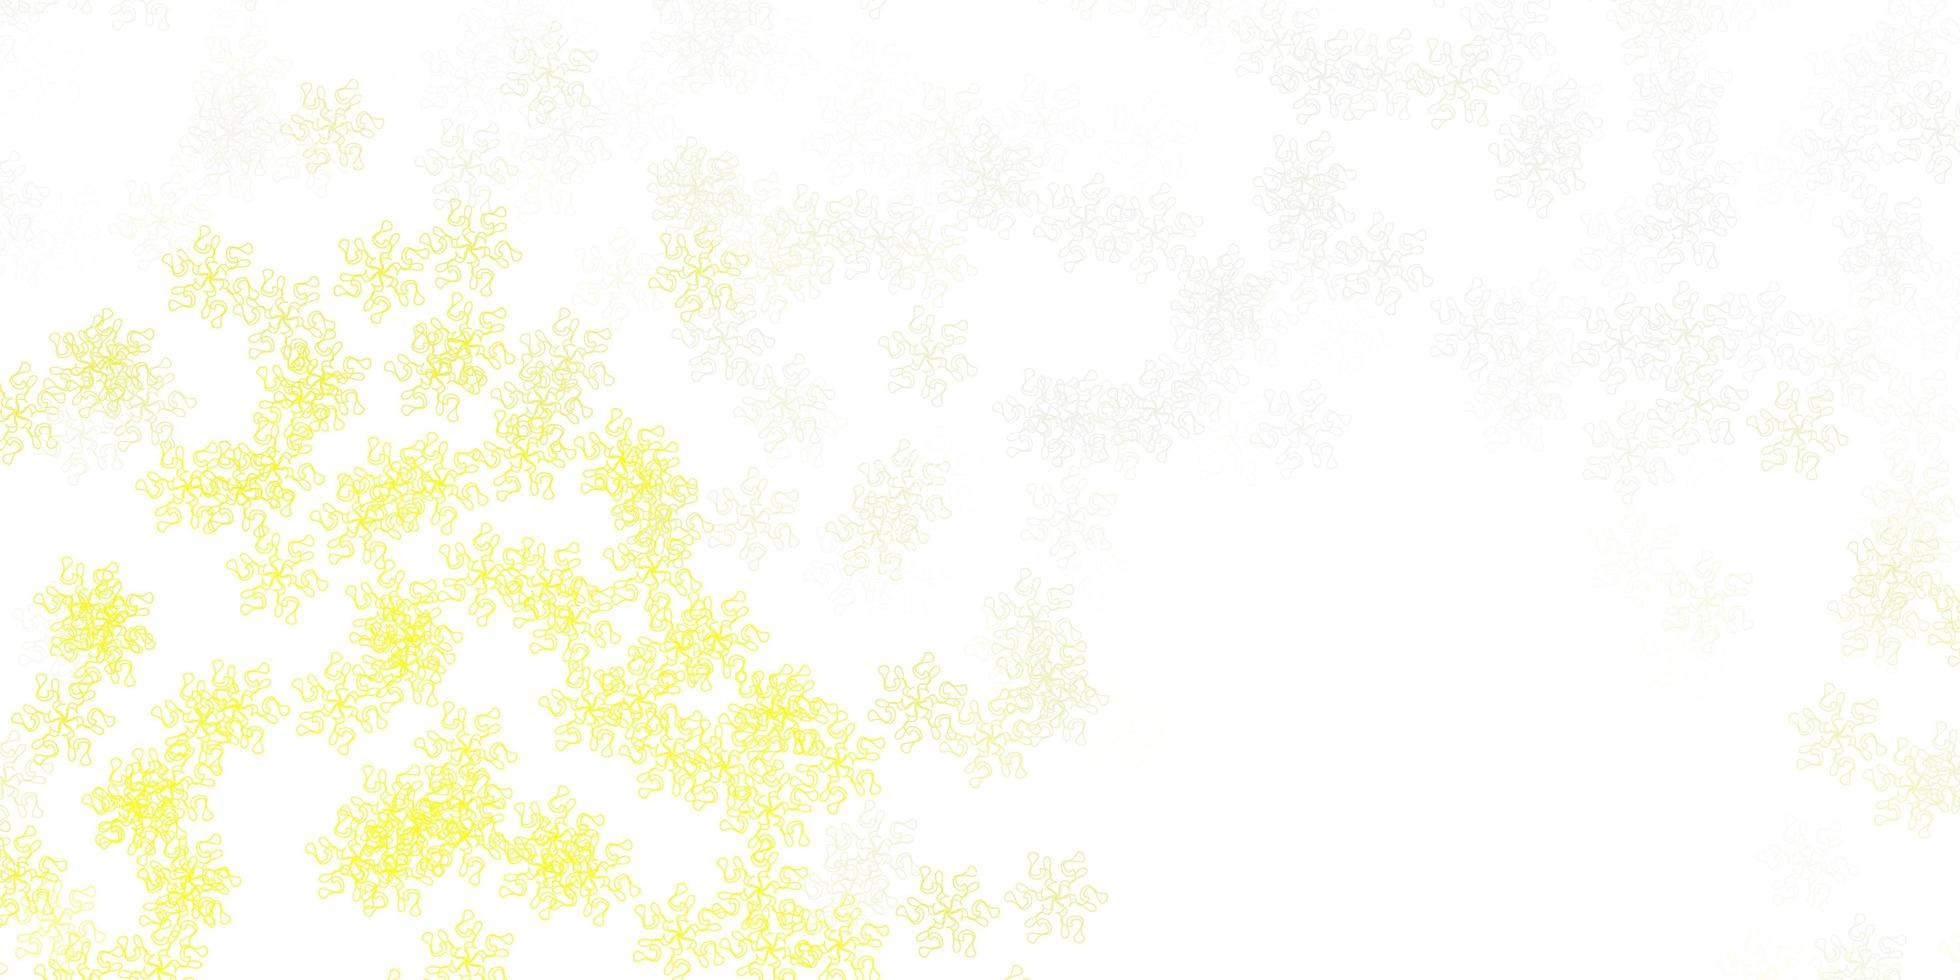 telón de fondo amarillo claro con flores. vector